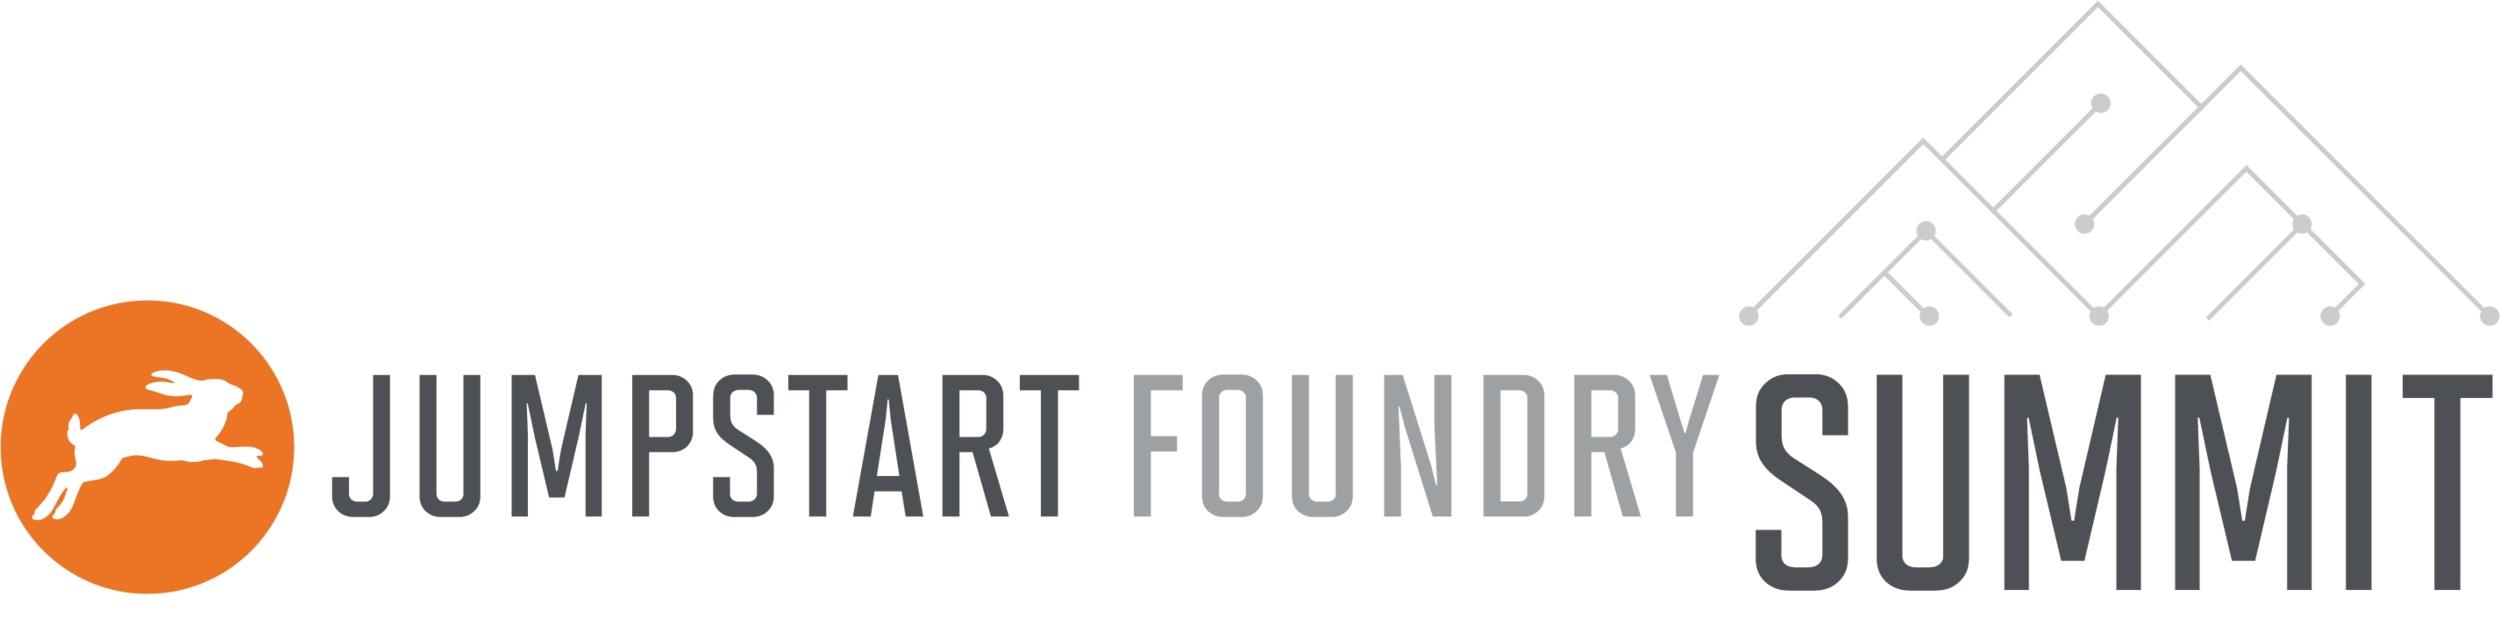 JSF-summit_logo_inline-011-2.jpg